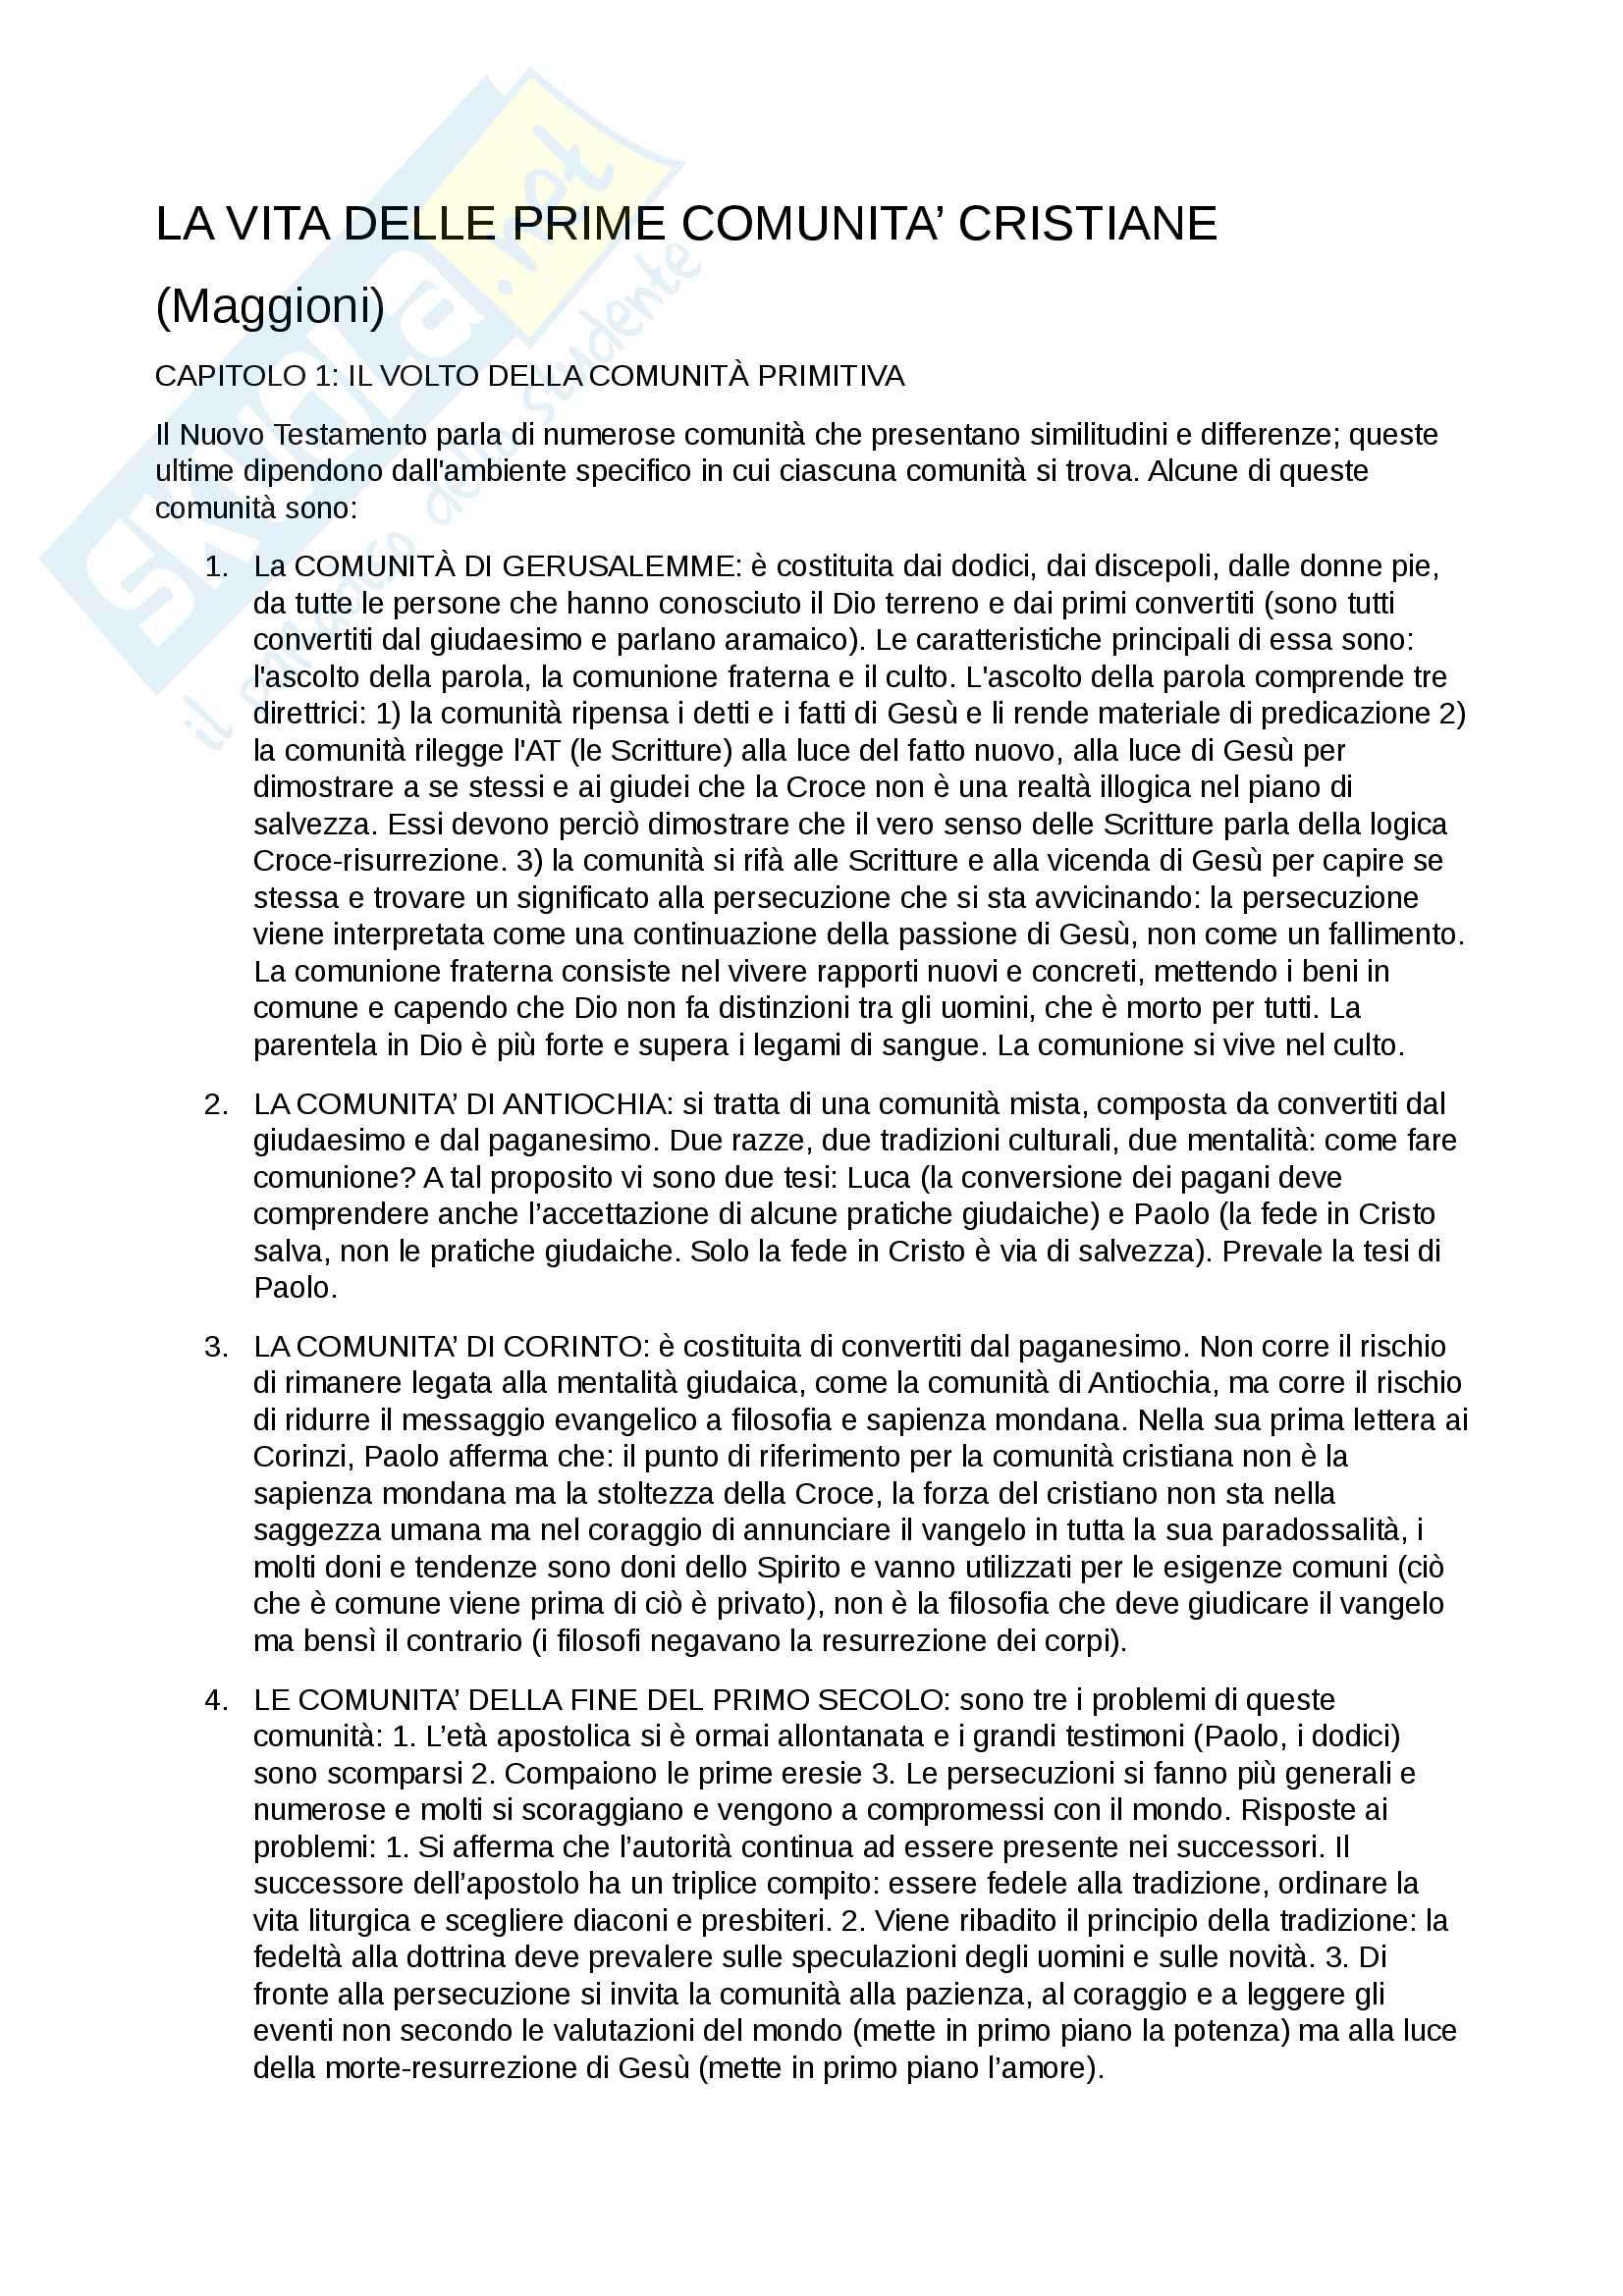 Riassunto esame teologia II, prof. Claudio Stercal, libro consigliato La vita delle prime comunità cristiane, 1992, B.Maggioni